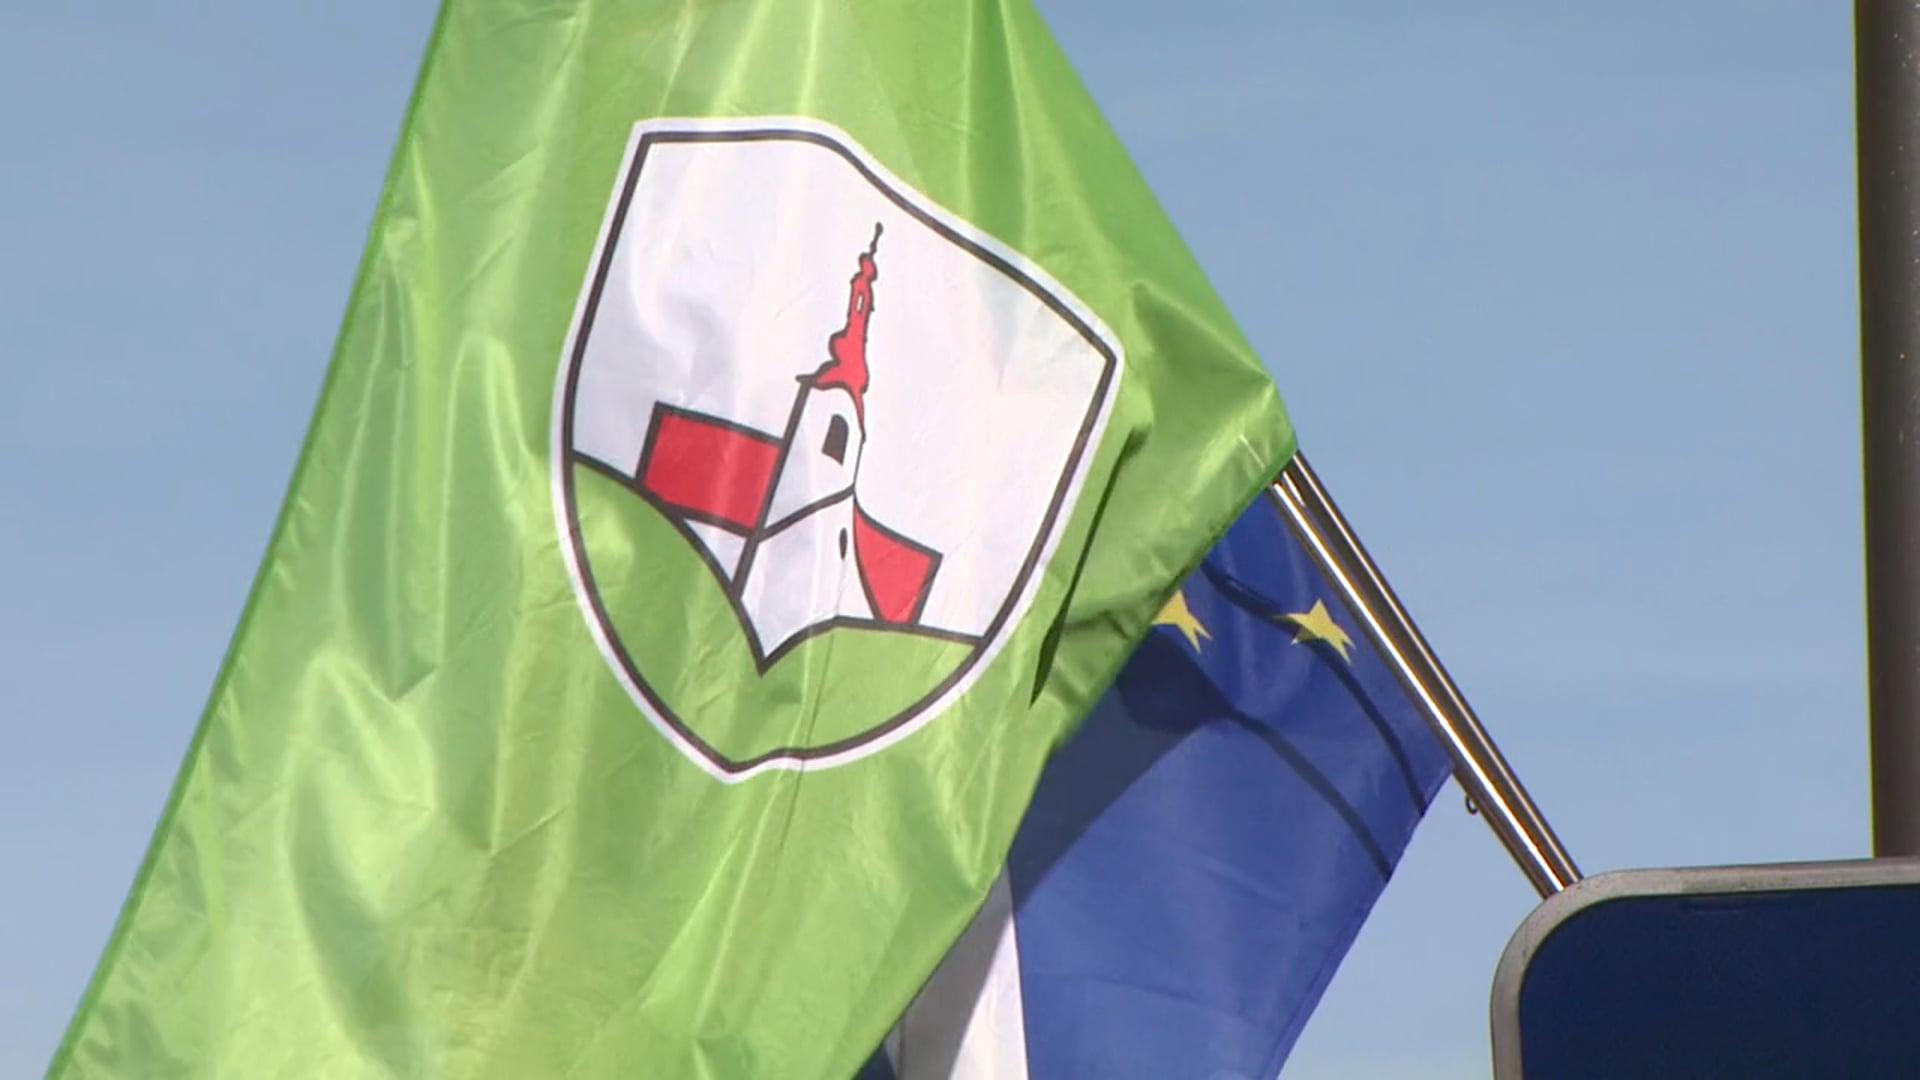 KZ Lenart dobaviteljem dolguje 2,2 milijona evrov